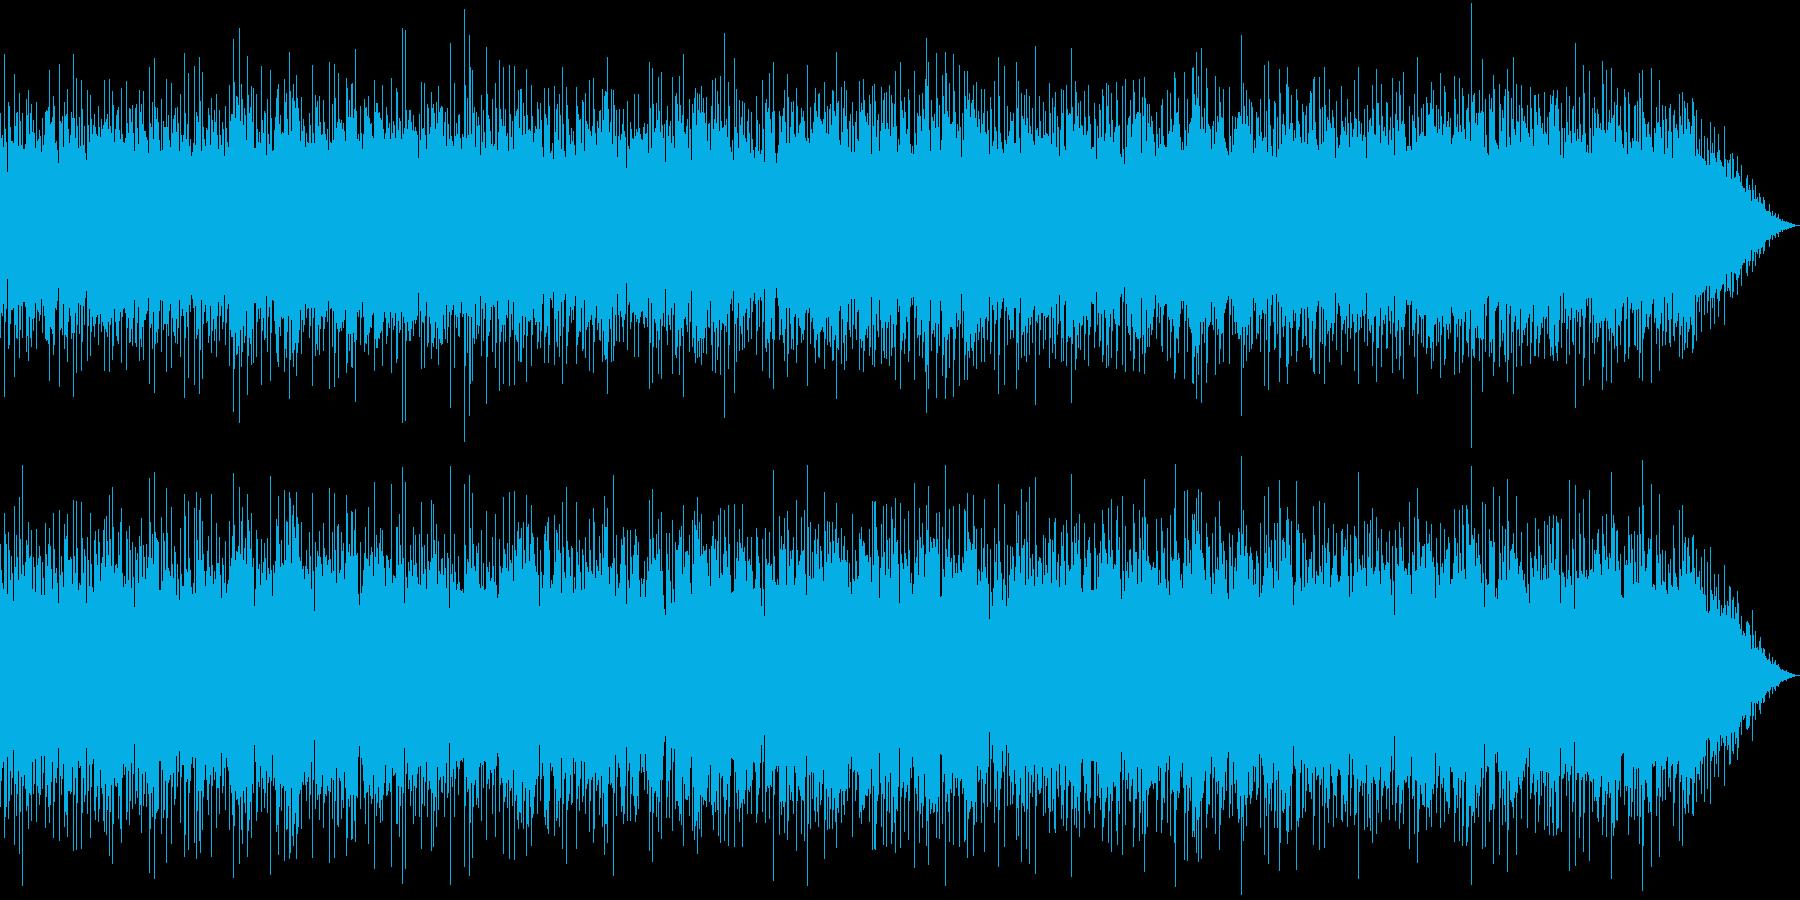 エレクトロニックな軽快さと浮遊感のある曲の再生済みの波形